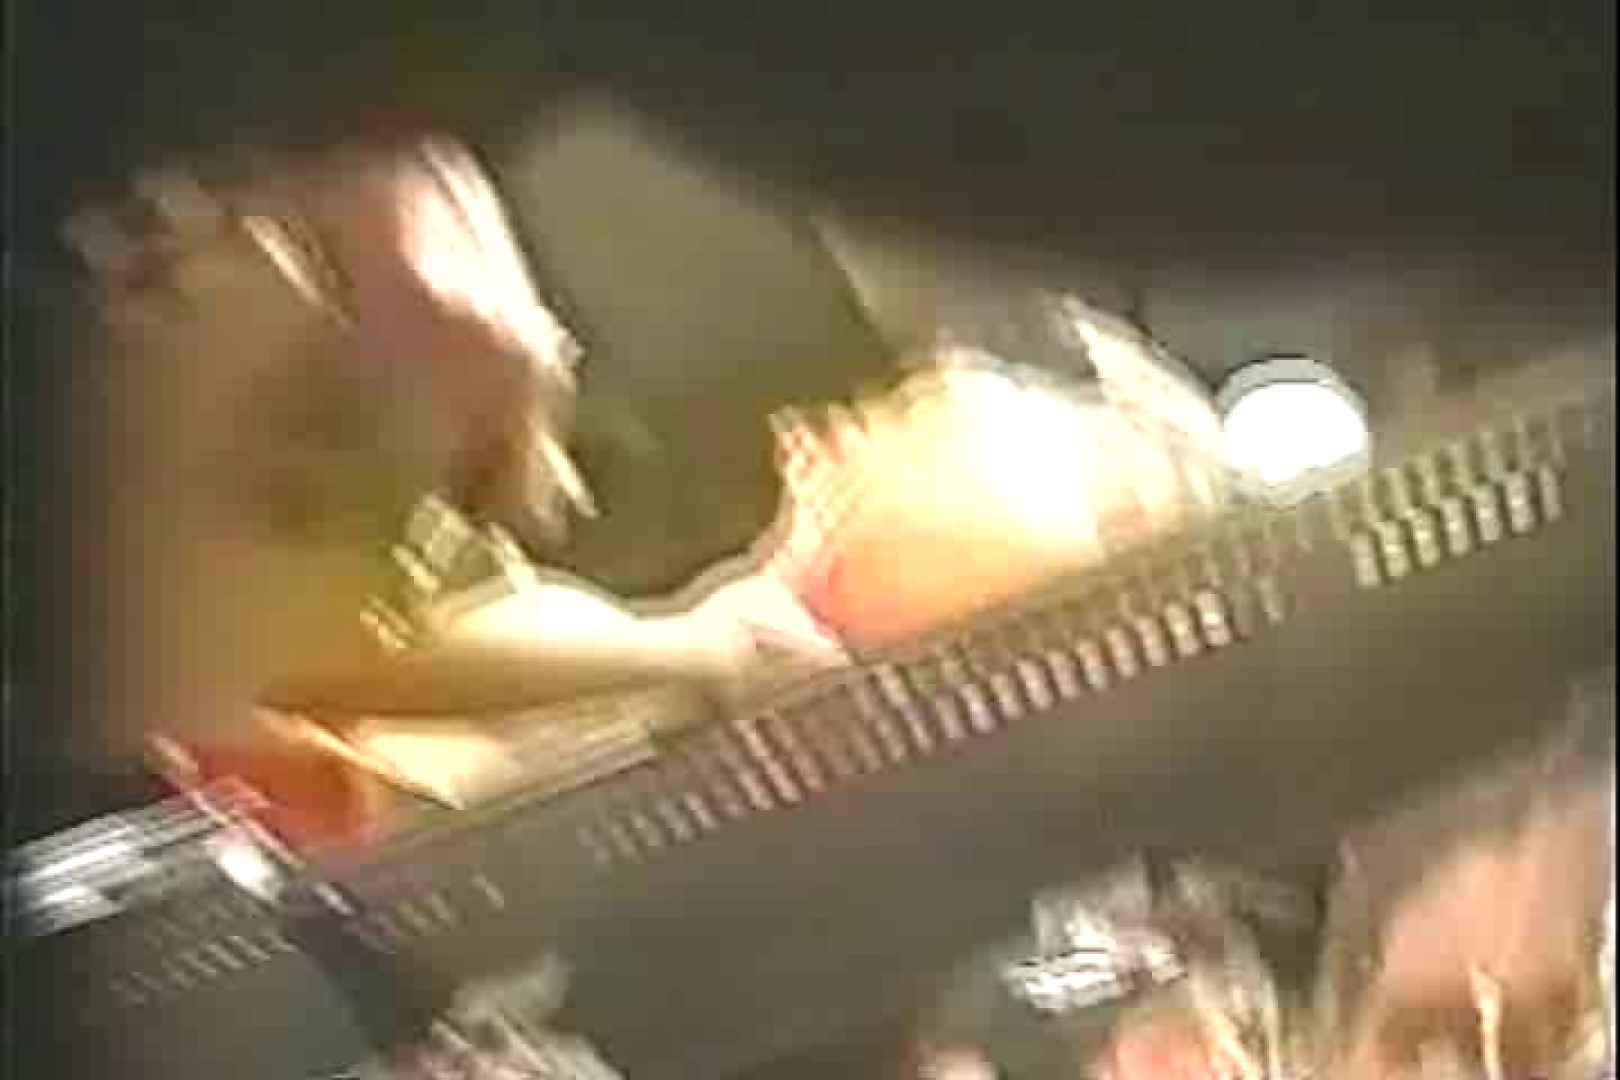 「ちくりん」さんのオリジナル未編集パンチラVol.3_02 チラ歓迎 オマンコ動画キャプチャ 81pic 15